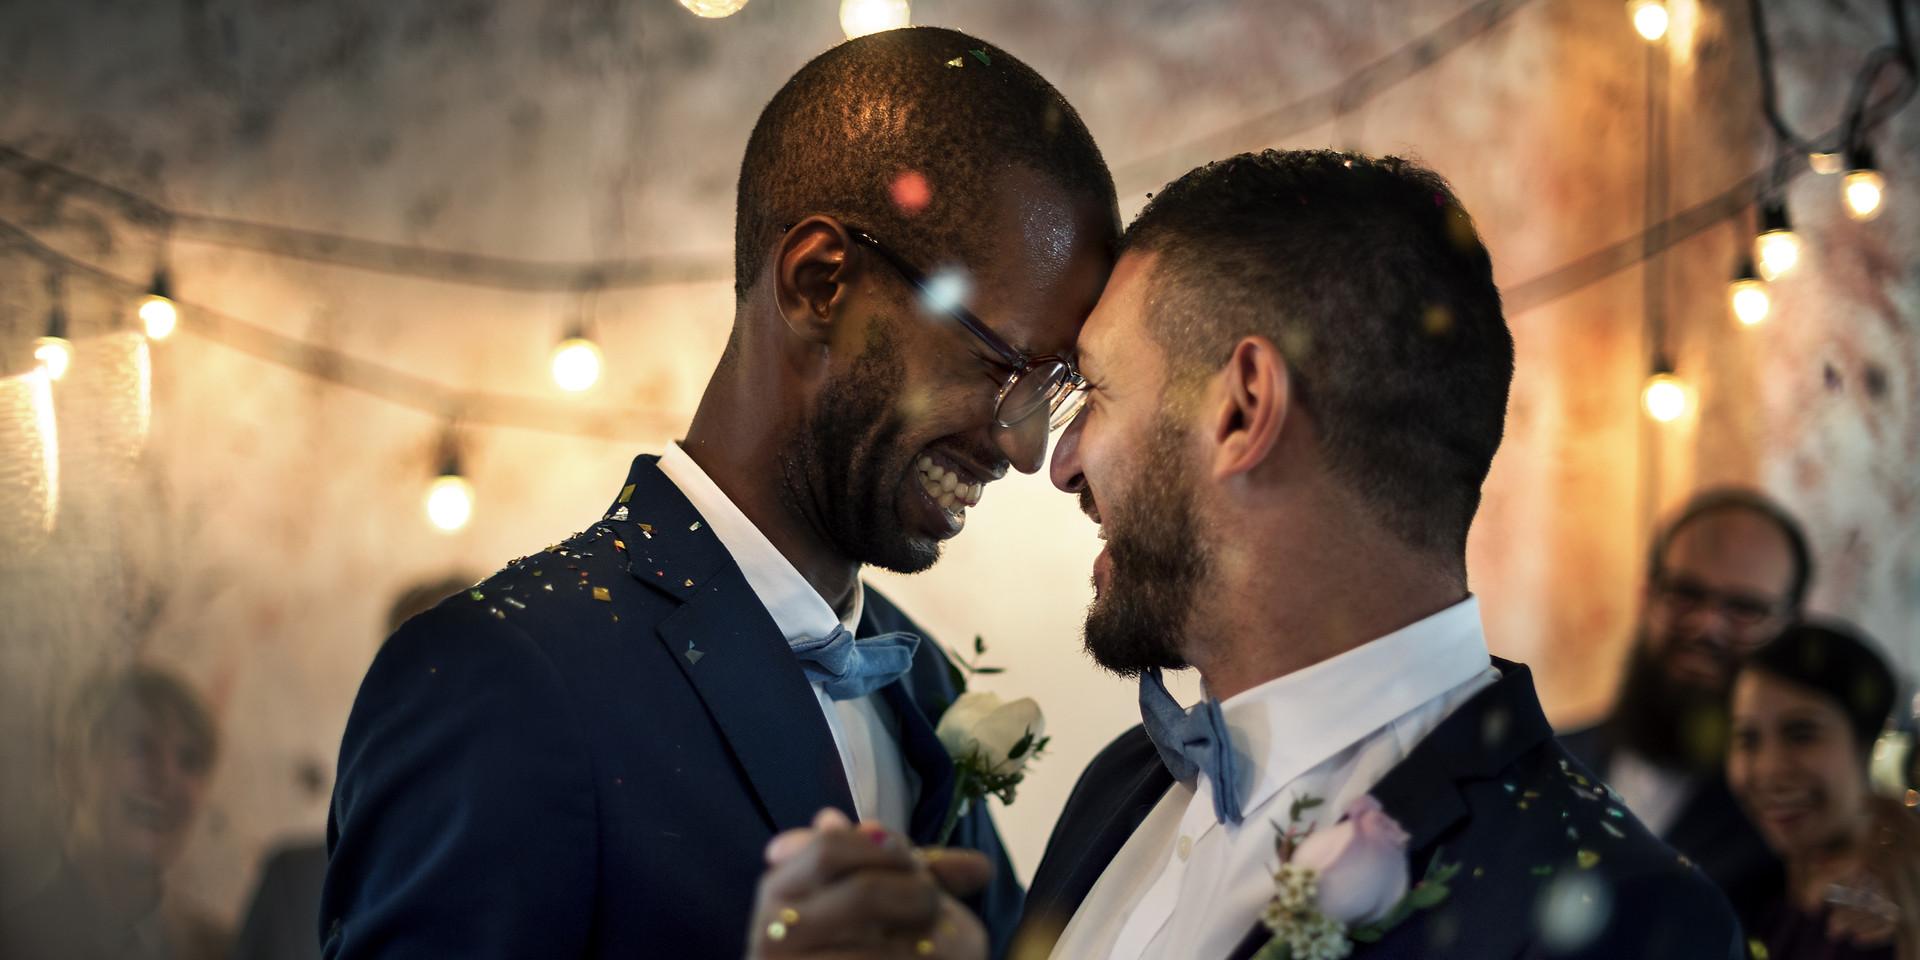 Newlywed couple celebrating